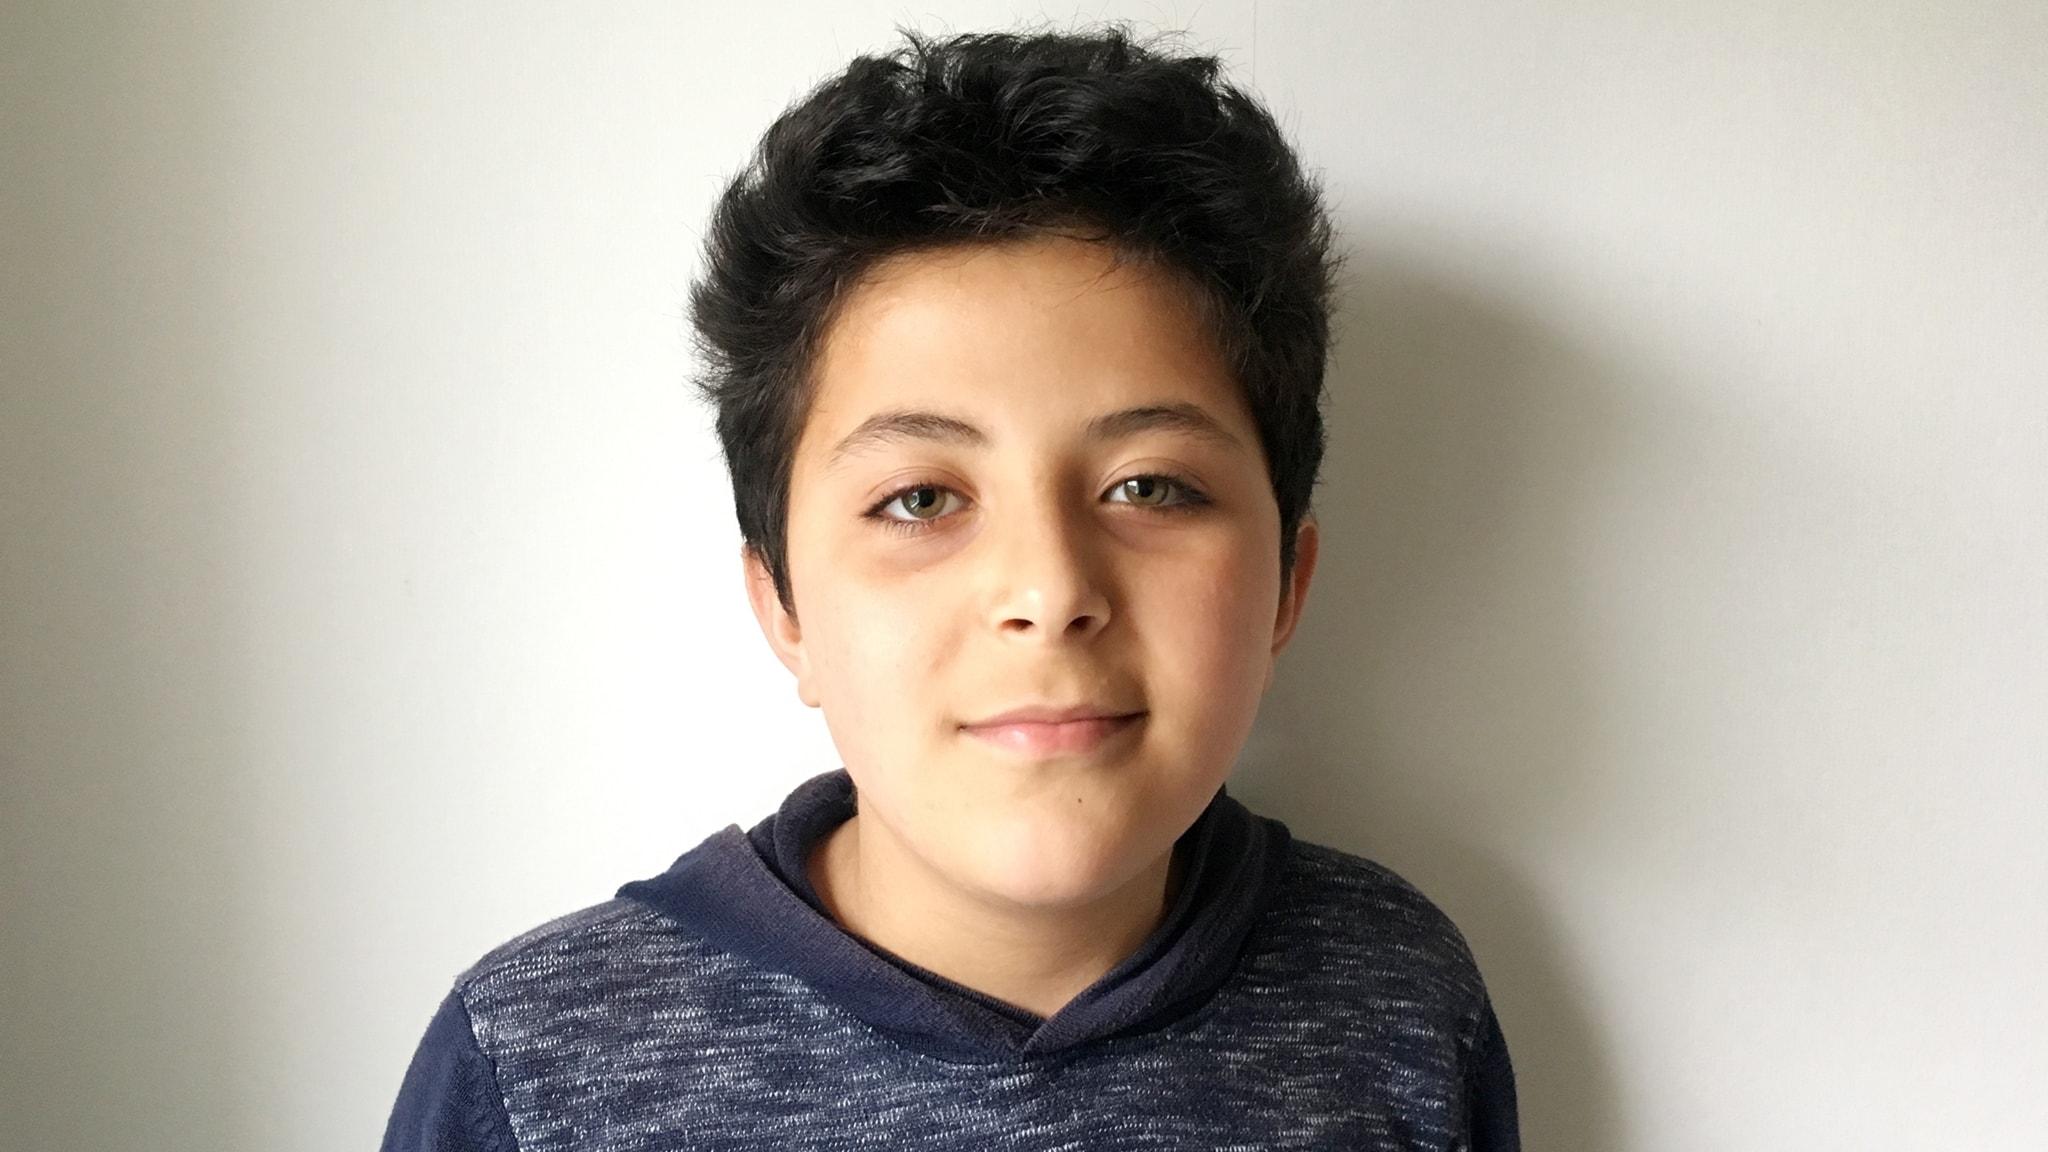 Dokumentär: Mohammad och skolan